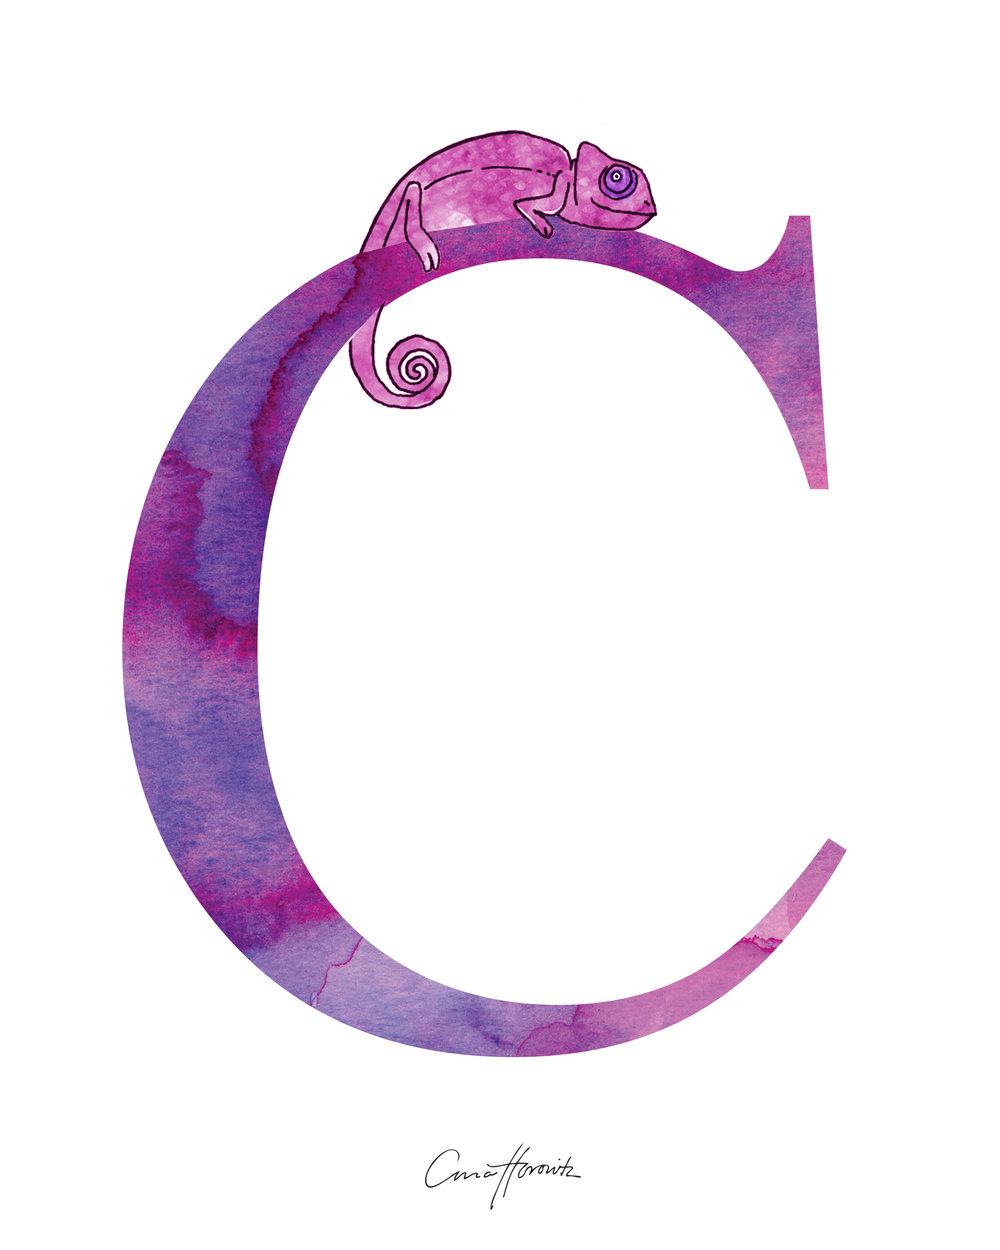 C Chameleon